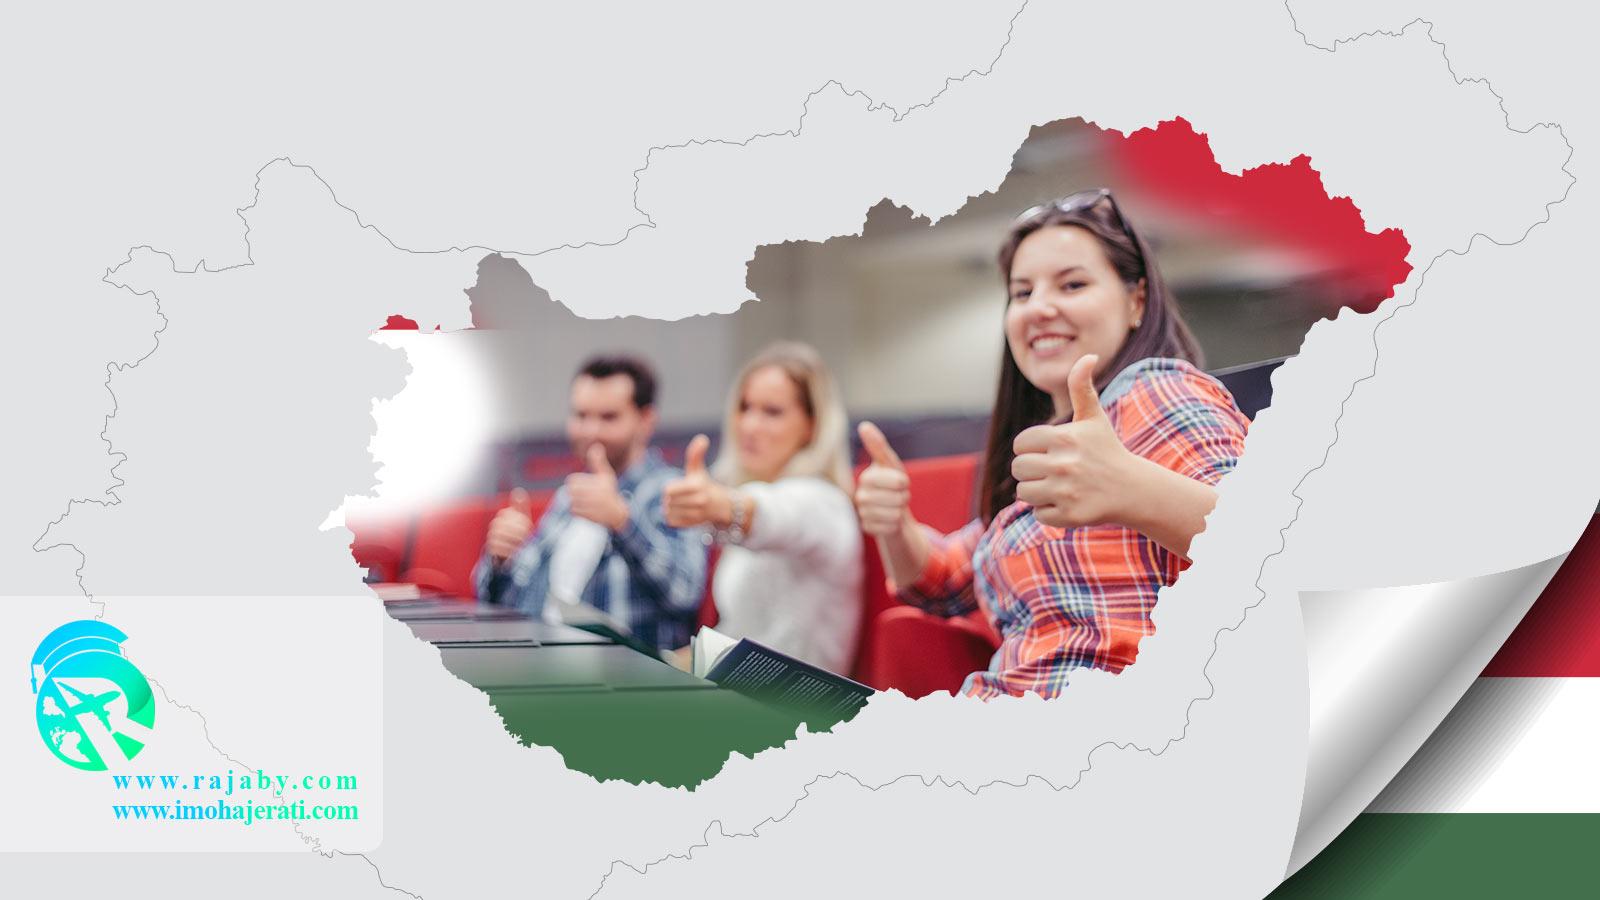 موسسات اعزام دانشجو به مجارستان